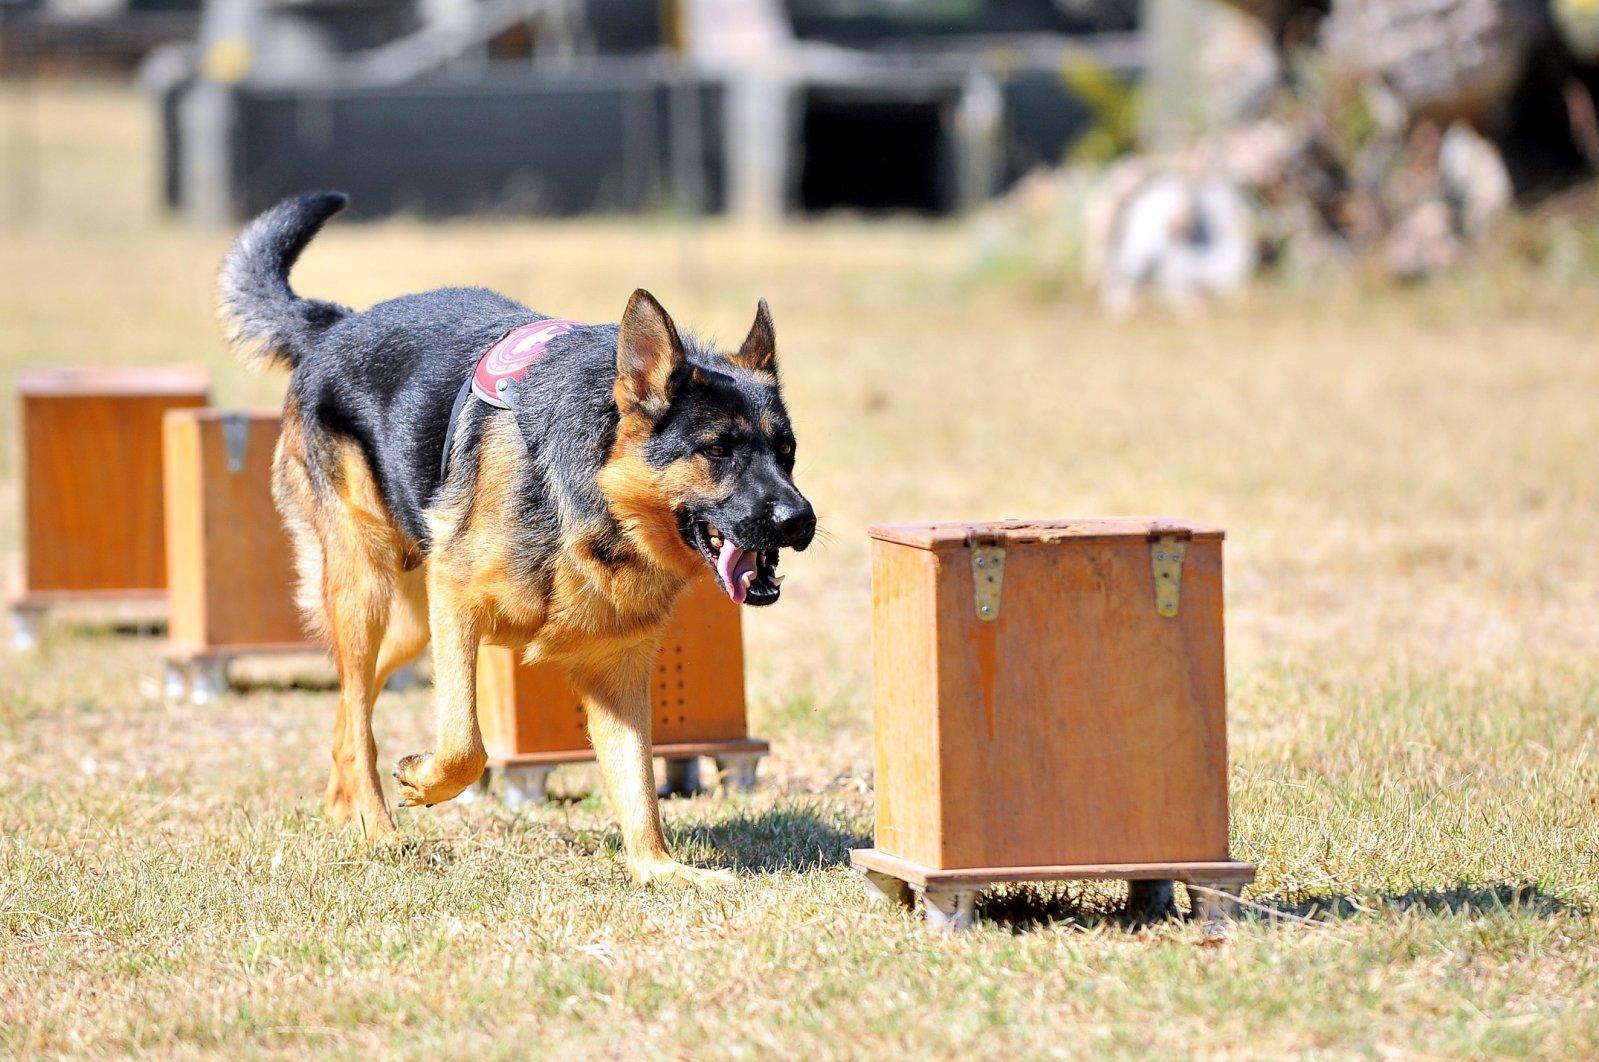 A dog during a training session, in Bursa, northwestern Turkey, Oct. 19, 2020. (DHA Photo)